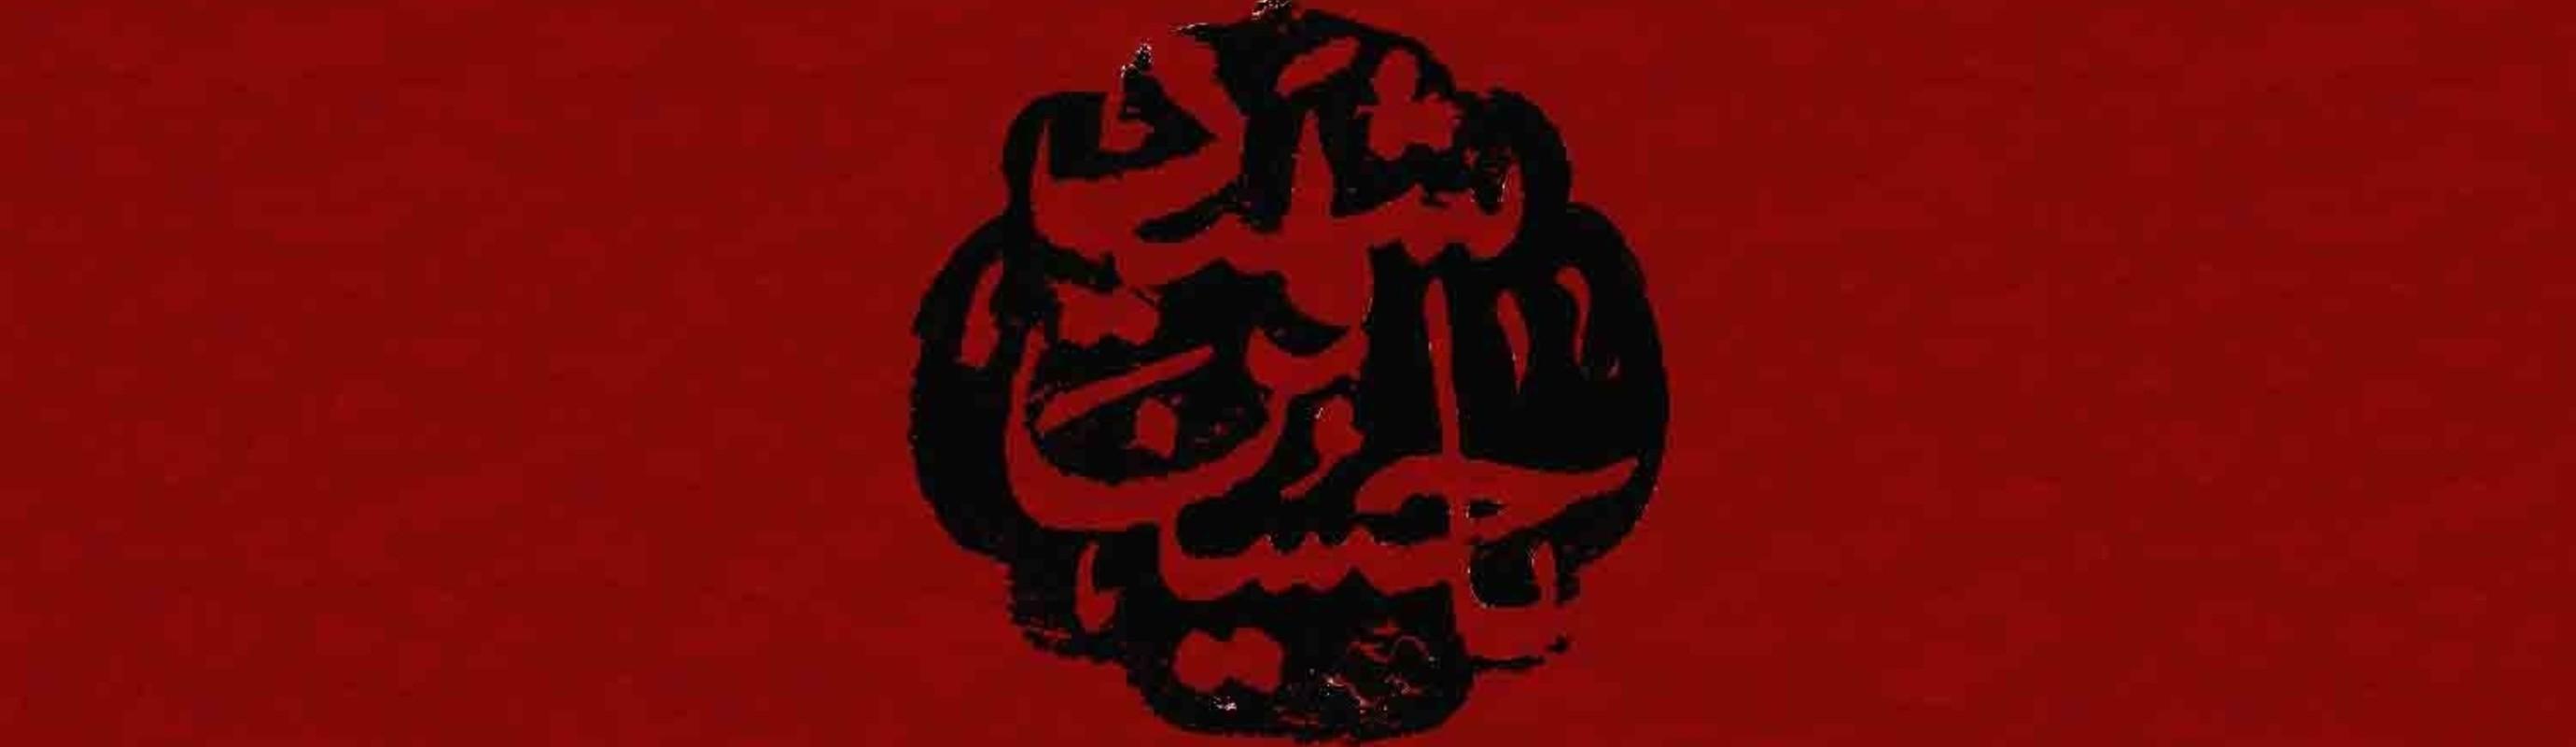 Karbala door de ogen van een andere religie.